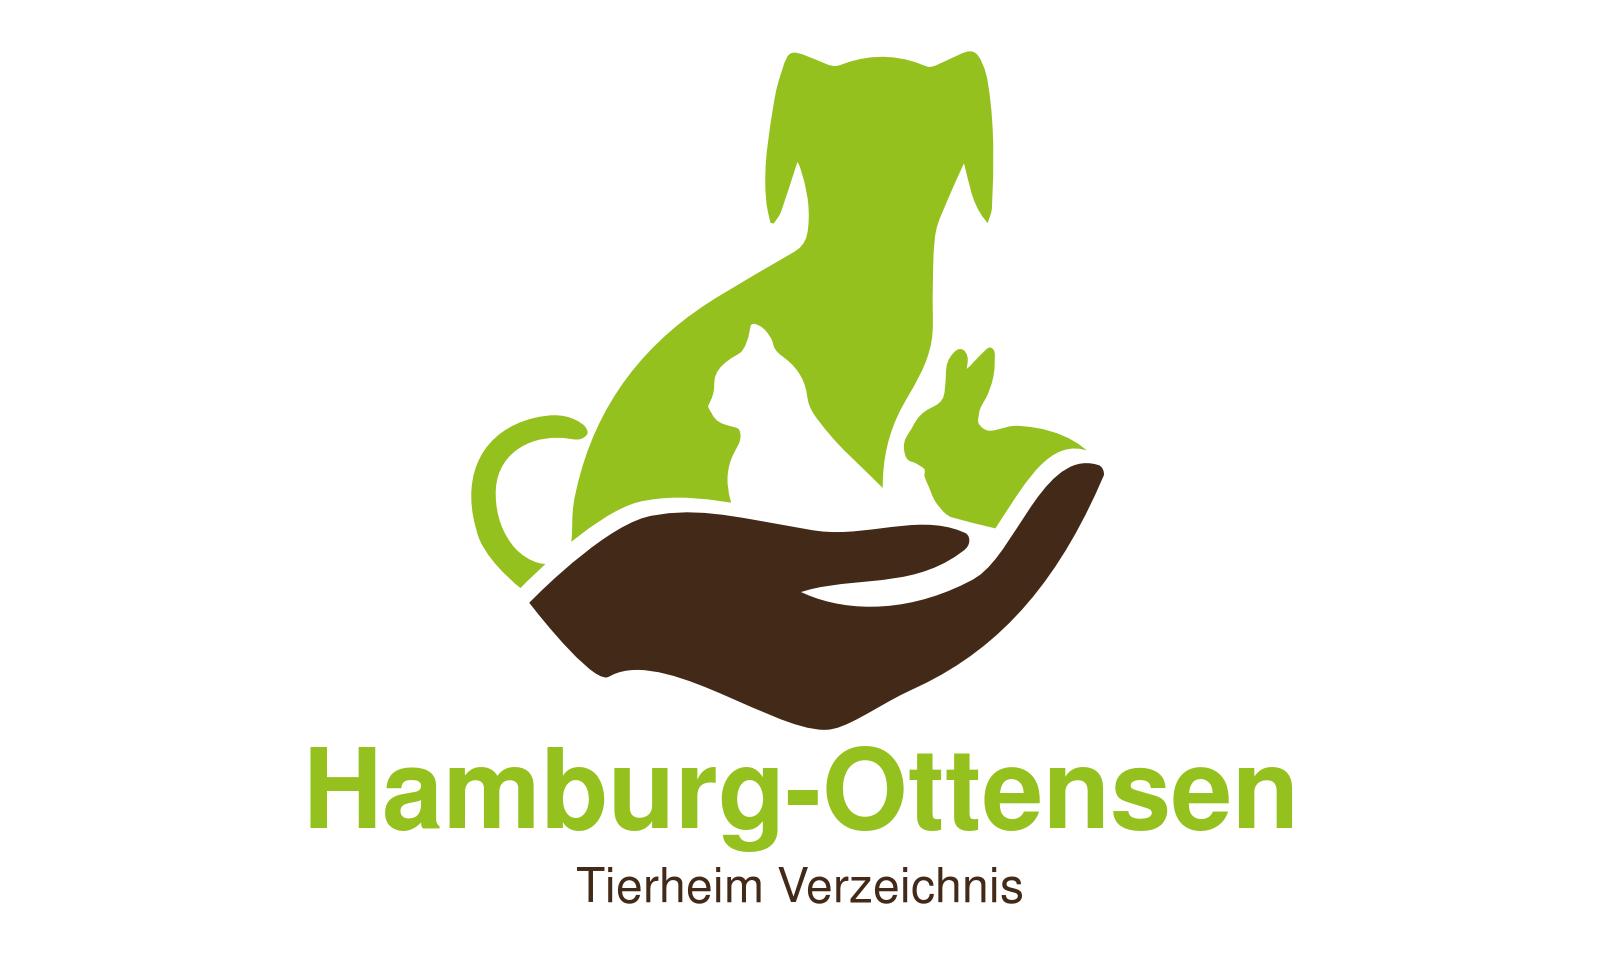 Tierheim Hamburg Ottensen